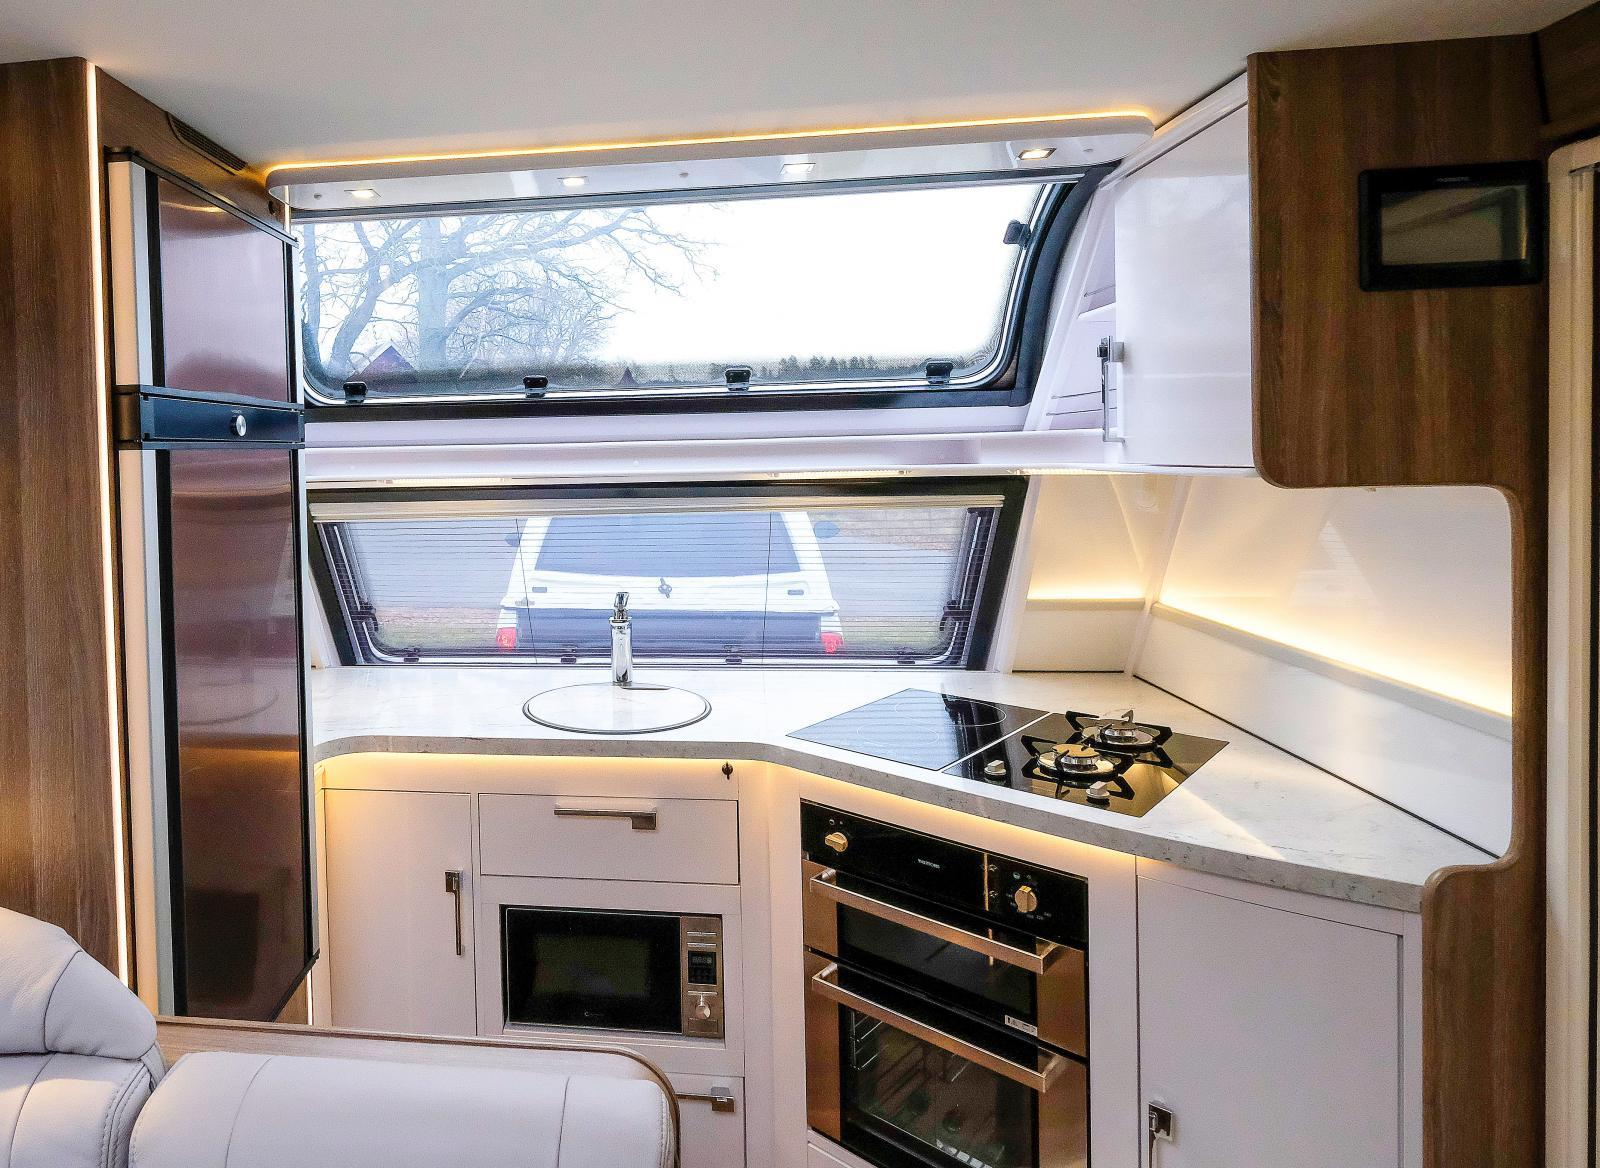 Ett rymligt frontkök i en Kabe husvagn. Möjligen är frontköket bästa lösningen för den som prioriterar matlagning högt.